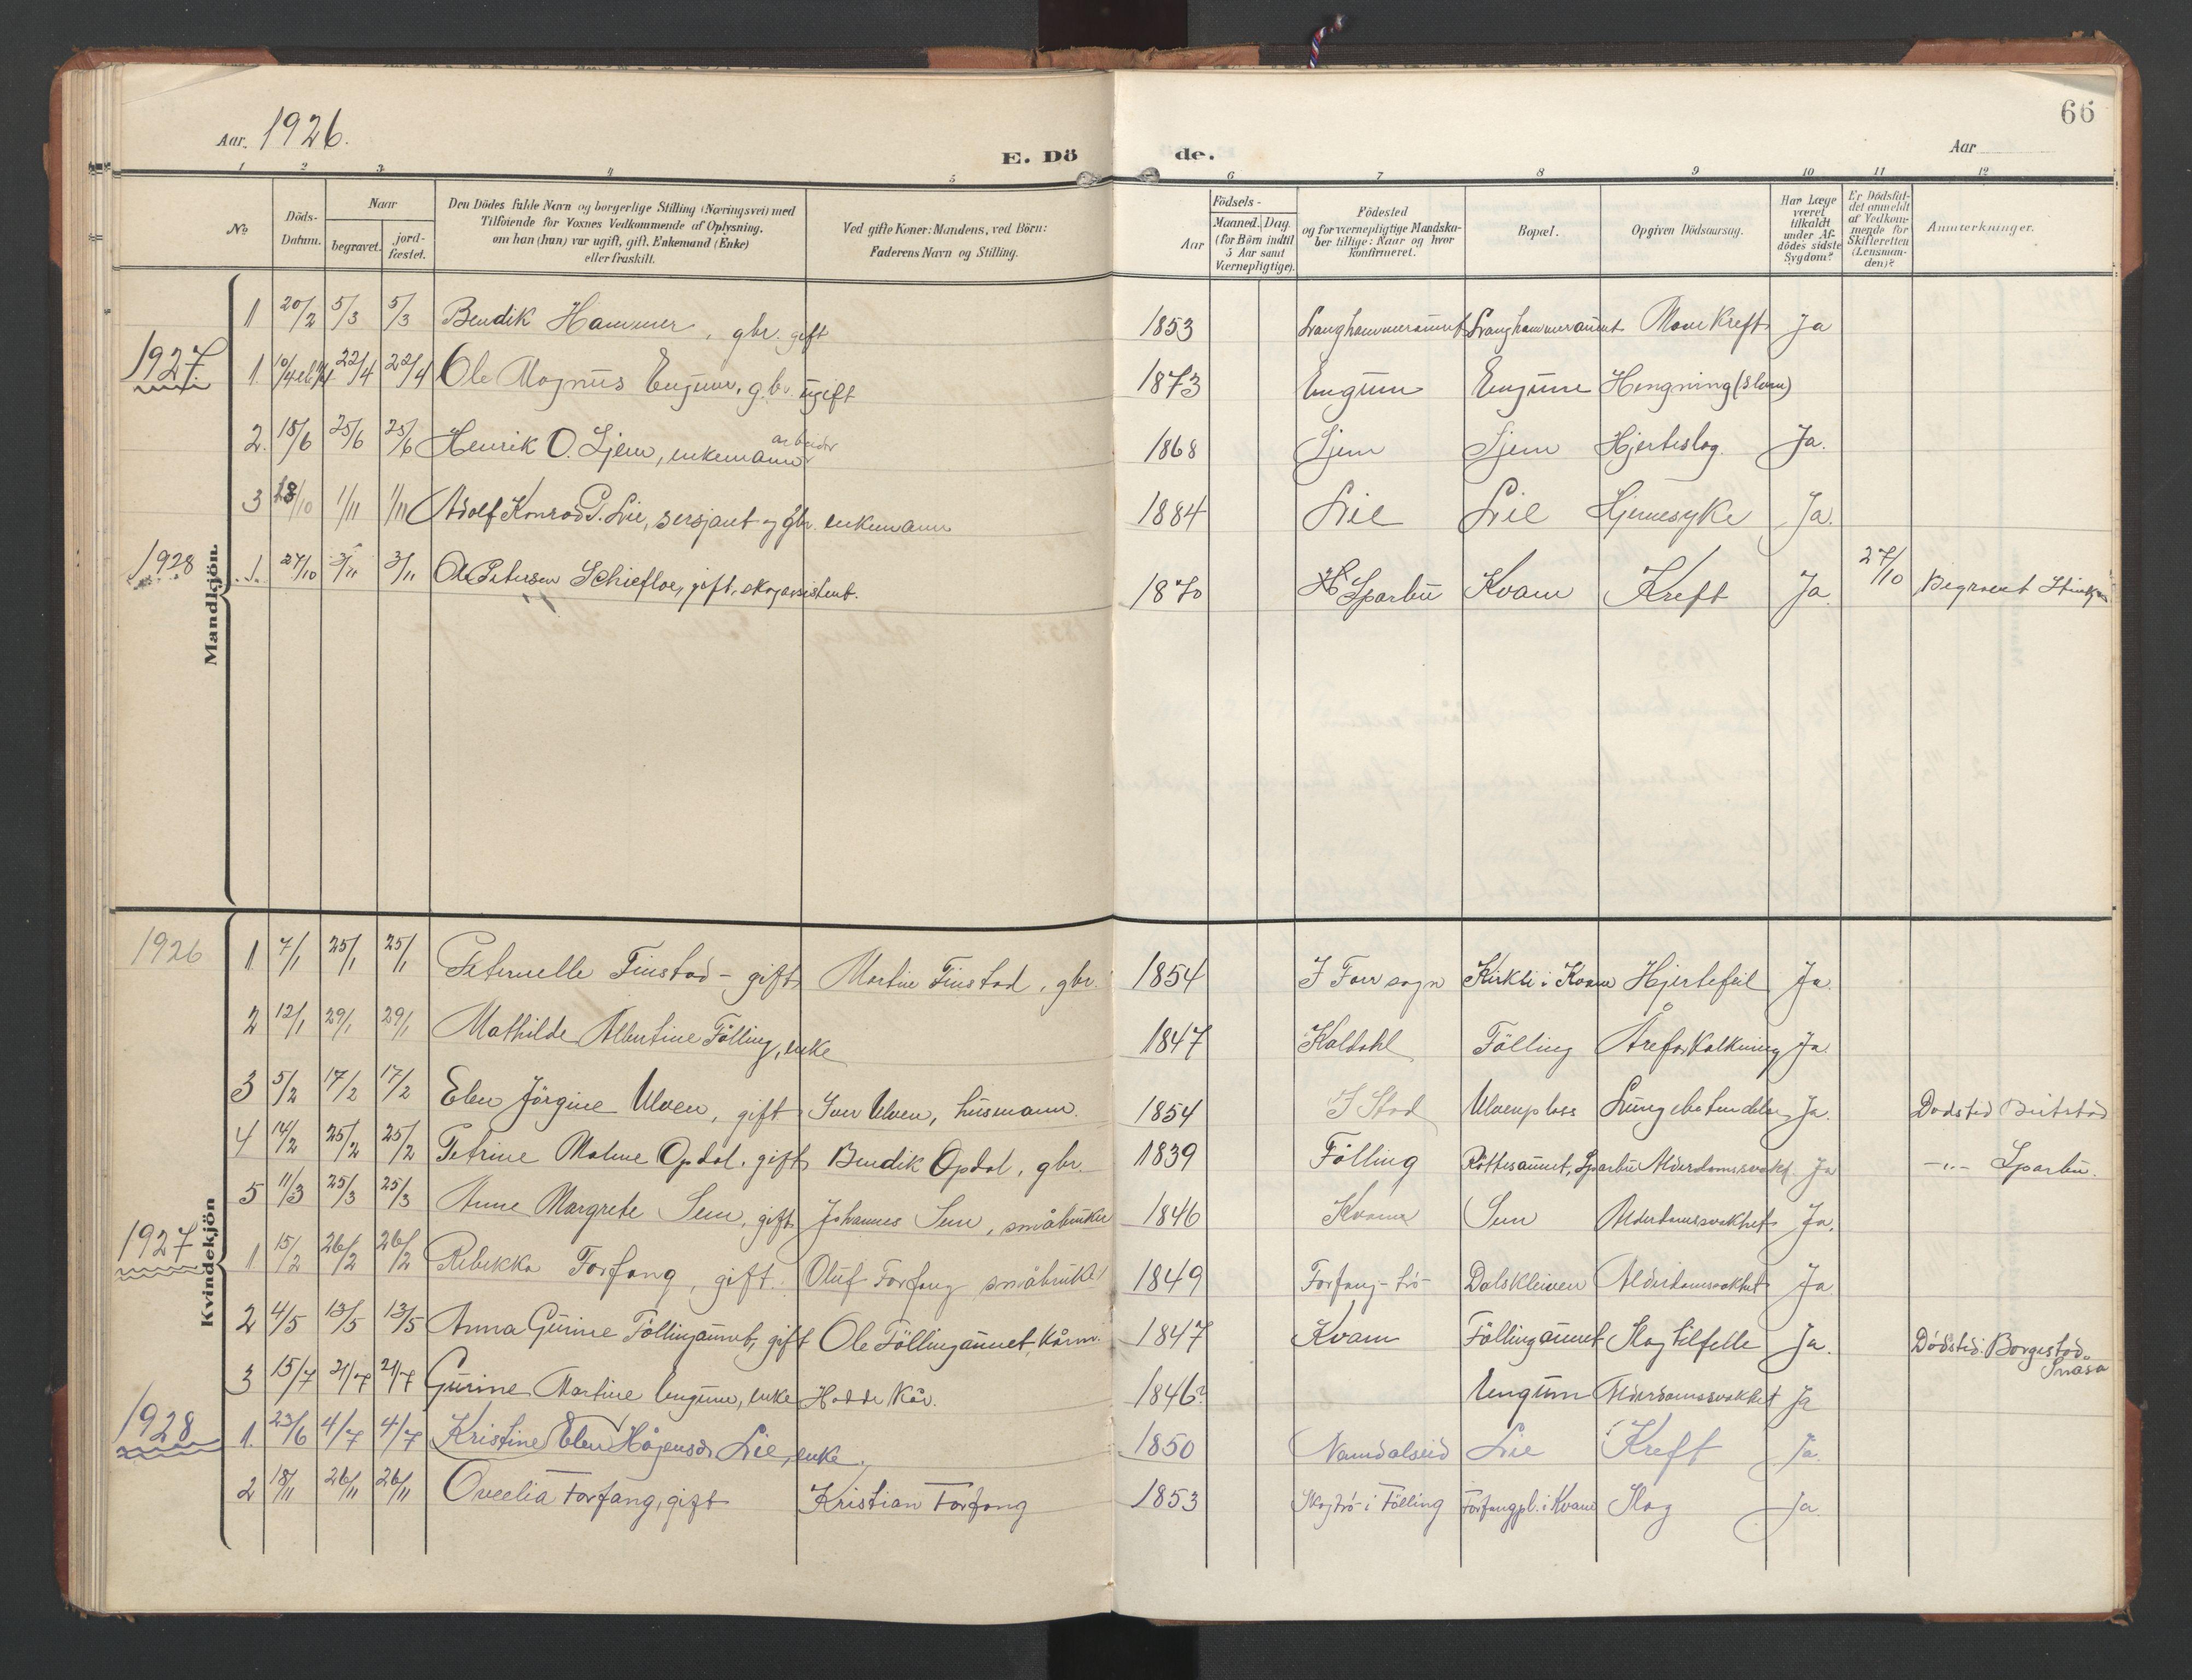 SAT, Ministerialprotokoller, klokkerbøker og fødselsregistre - Nord-Trøndelag, 748/L0465: Klokkerbok nr. 748C01, 1908-1960, s. 66